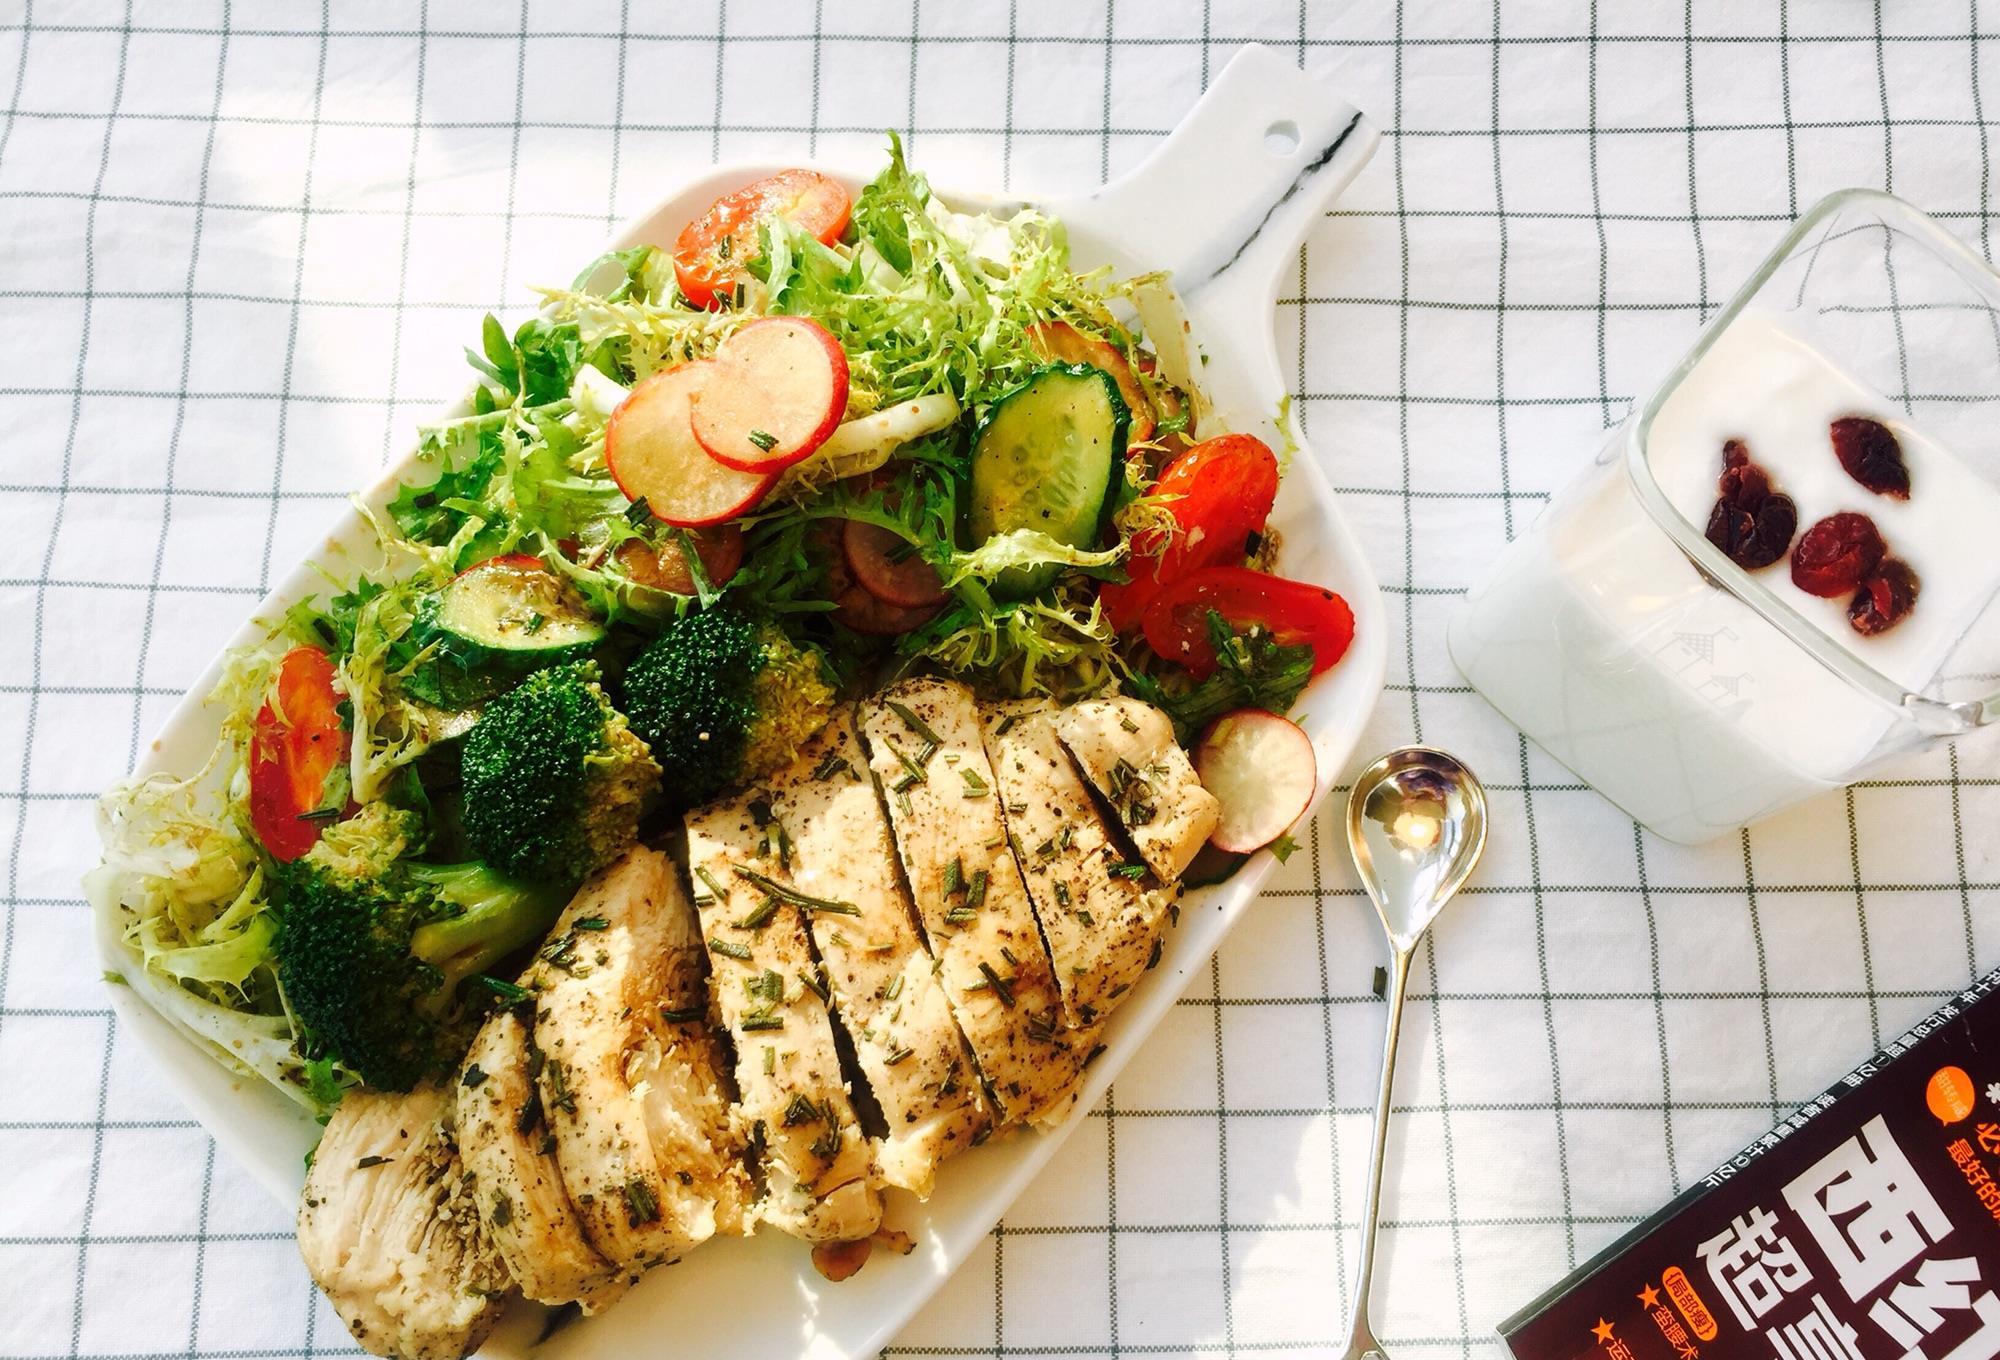 减肥餐就要水煮蔬菜?开始减肥前,学会这样做简直打开了美食大门